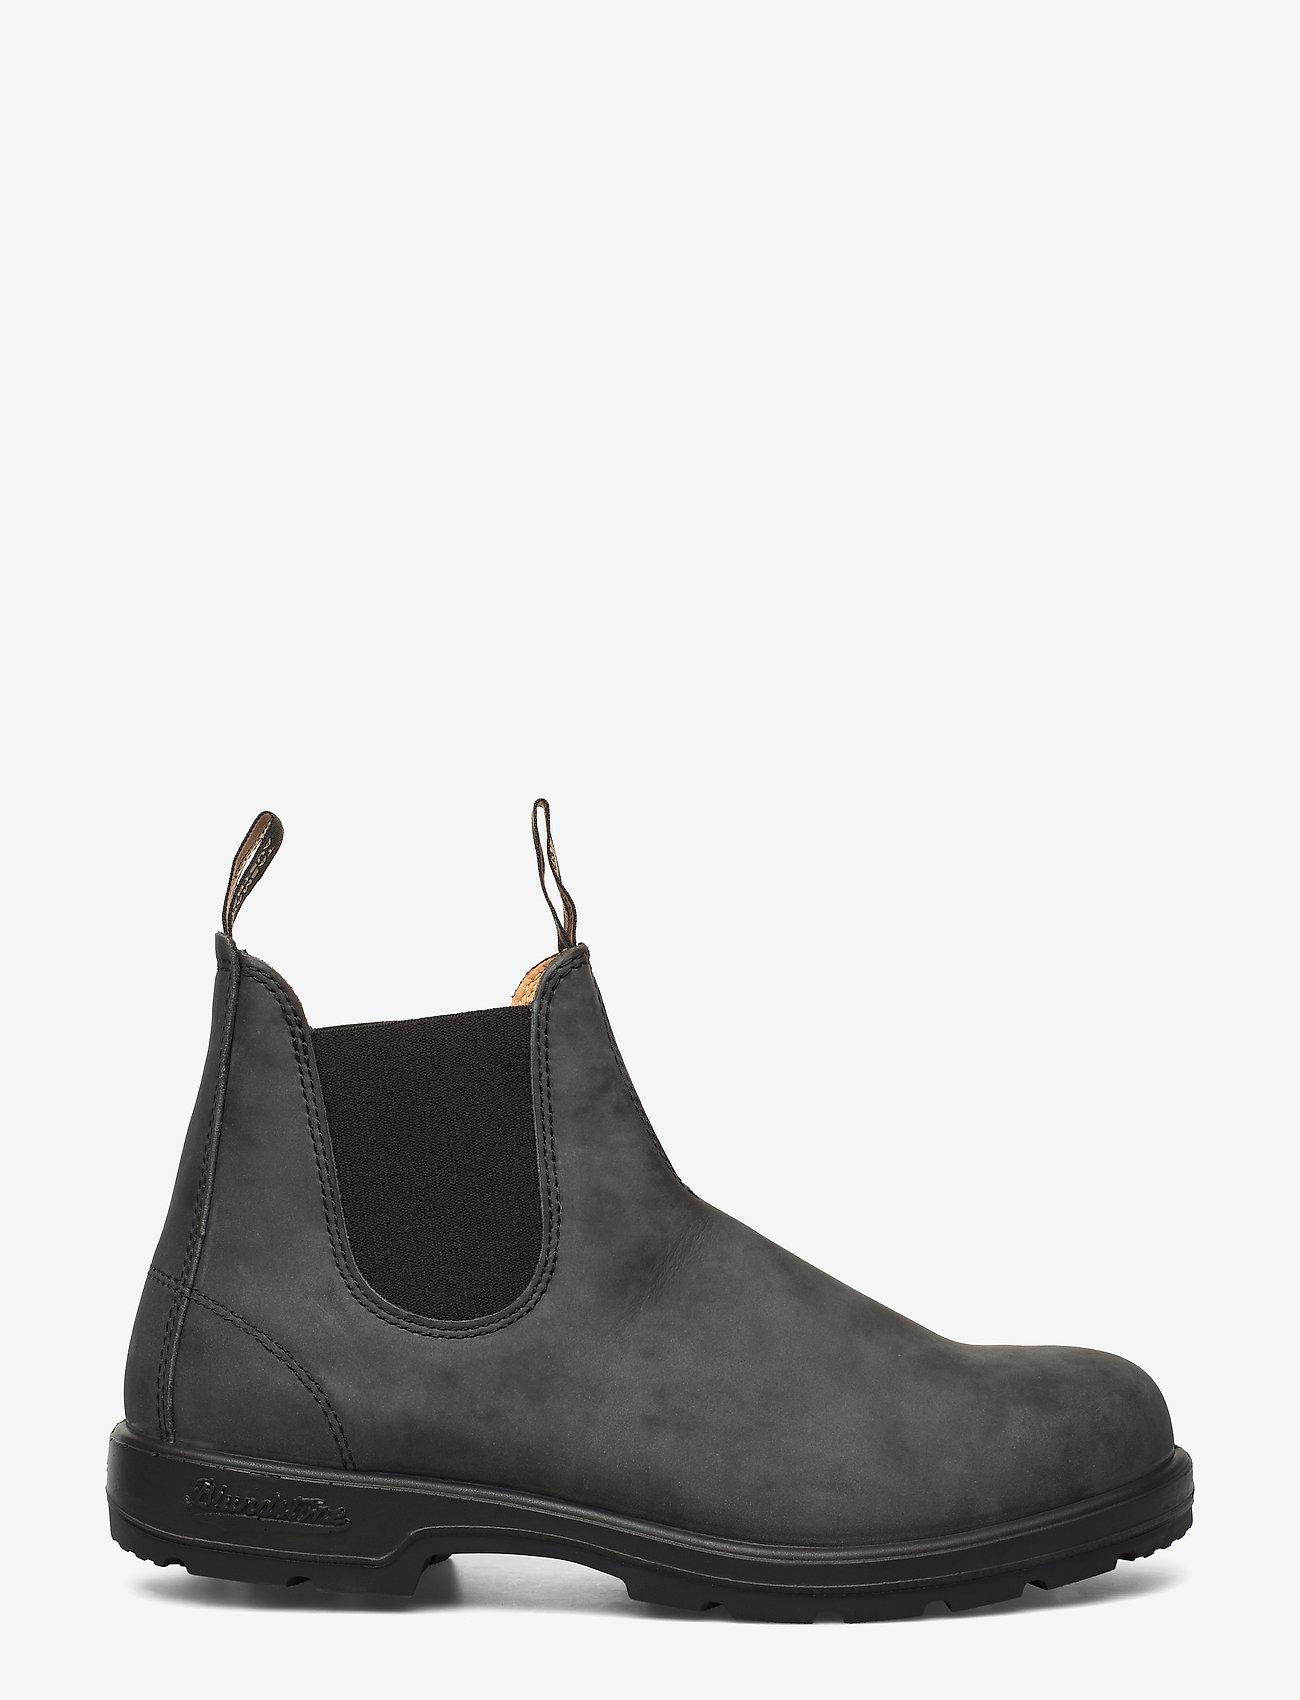 Blundstone - BL CLASSIC COMFORT (PU/TPU SOLE) - chelsea boots - rustic black - 1